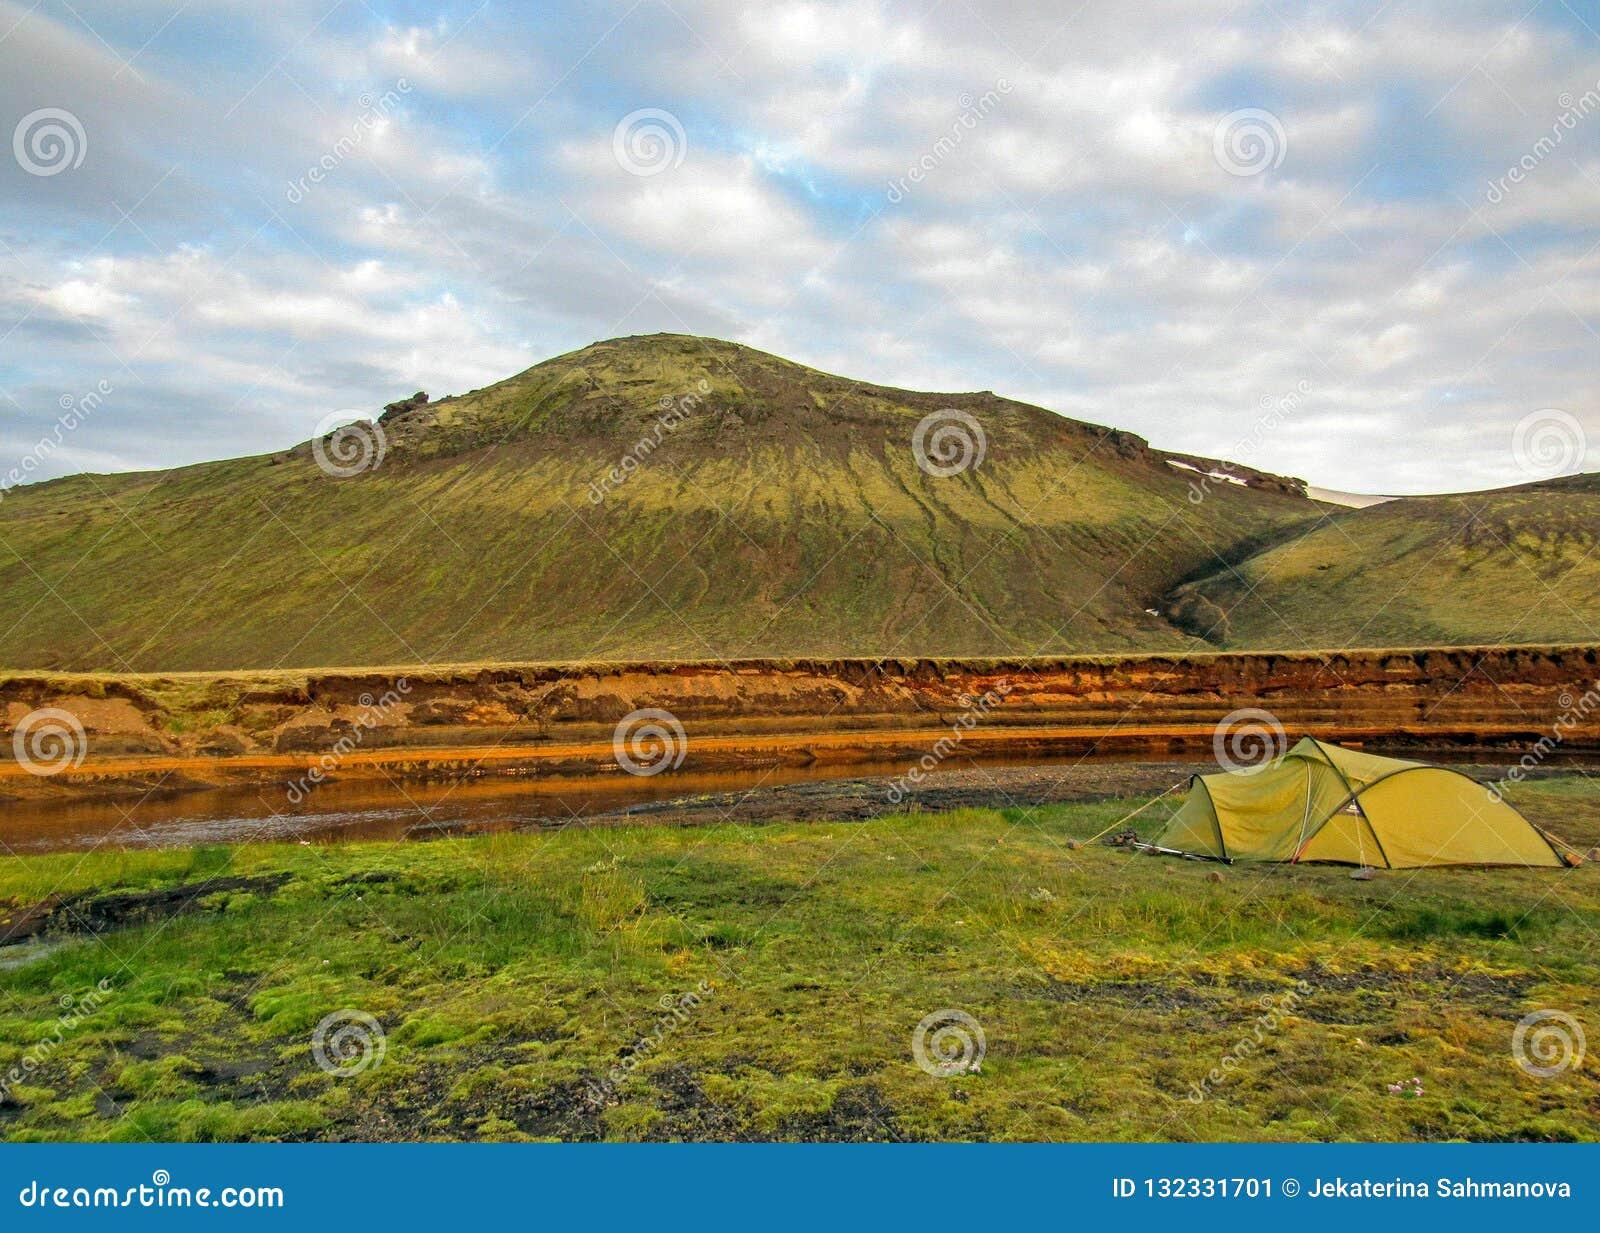 La tienda verde echó al lado del río con la montaña verde en el fondo, sitio para acampar de Alftavatn, Laugavegur, Islandia